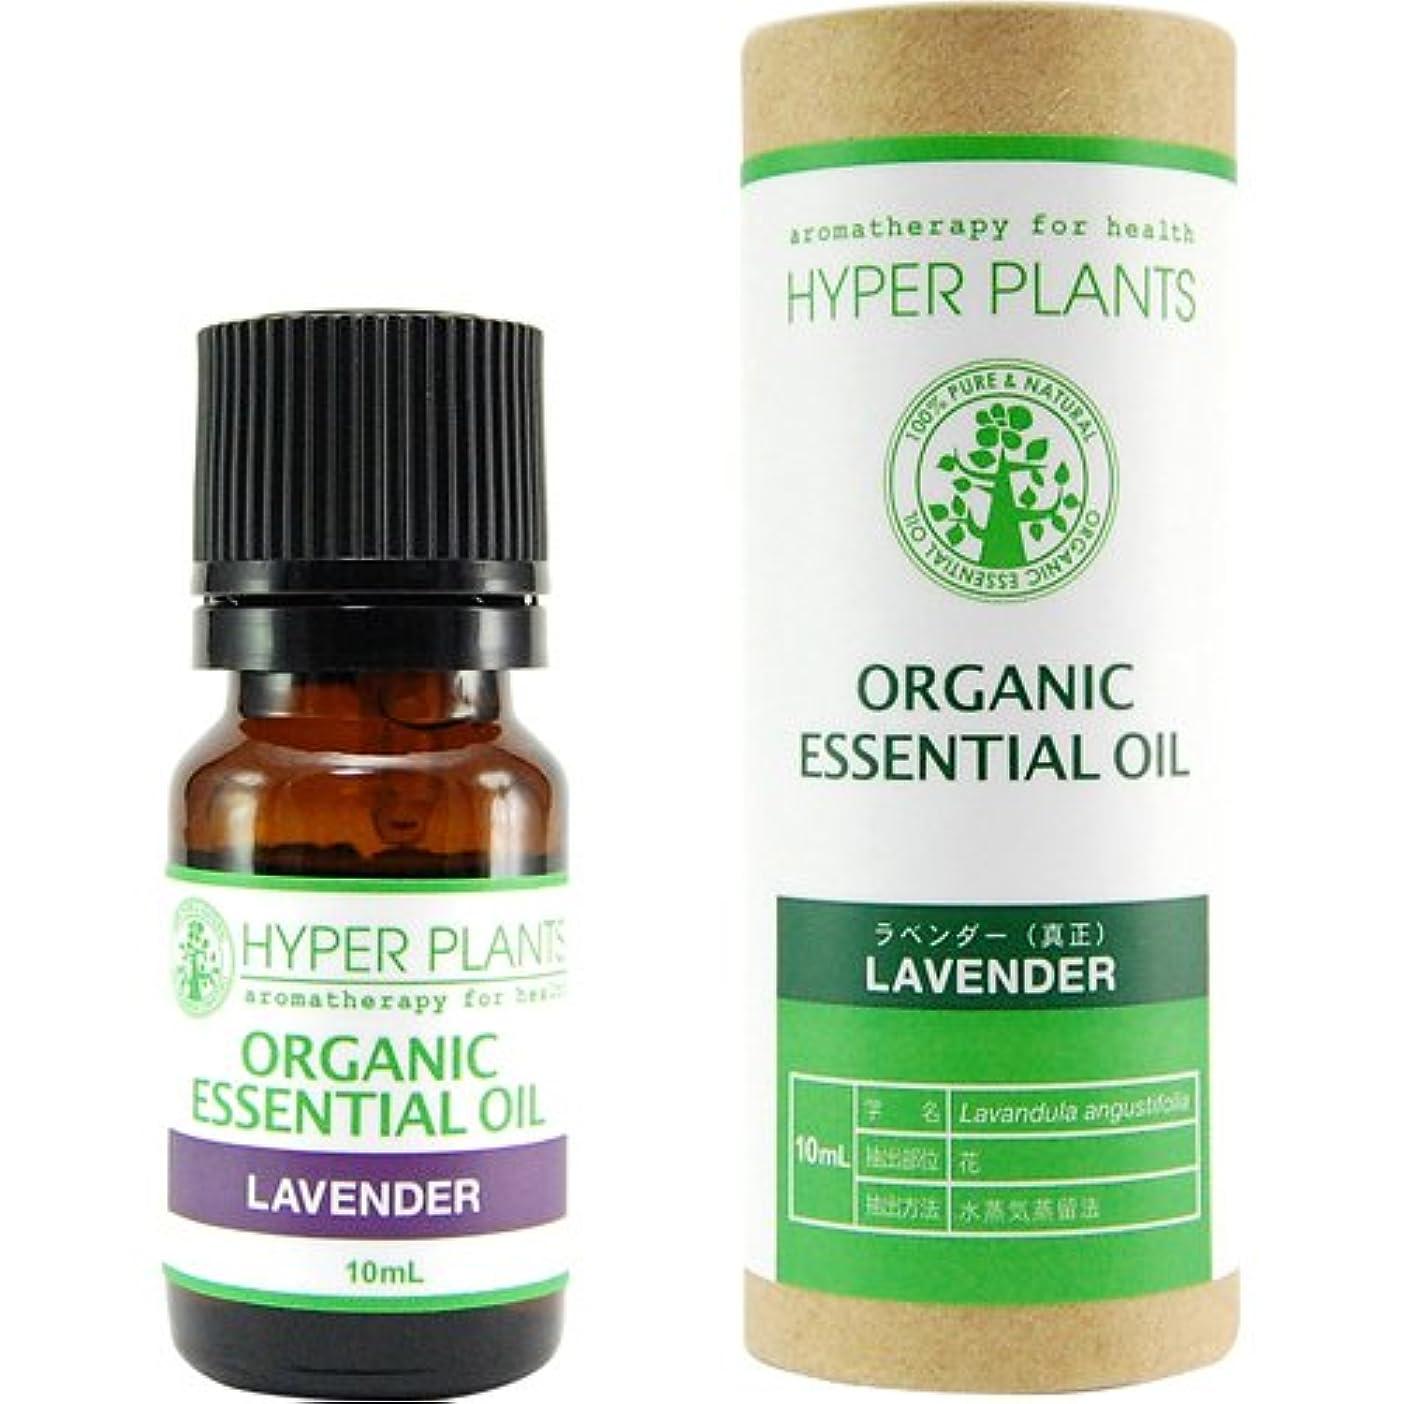 ヘクタール受け取る拡大するHYPER PLANTS ハイパープランツ オーガニックエッセンシャルオイル ラベンダー(真正) 10ml HE0207